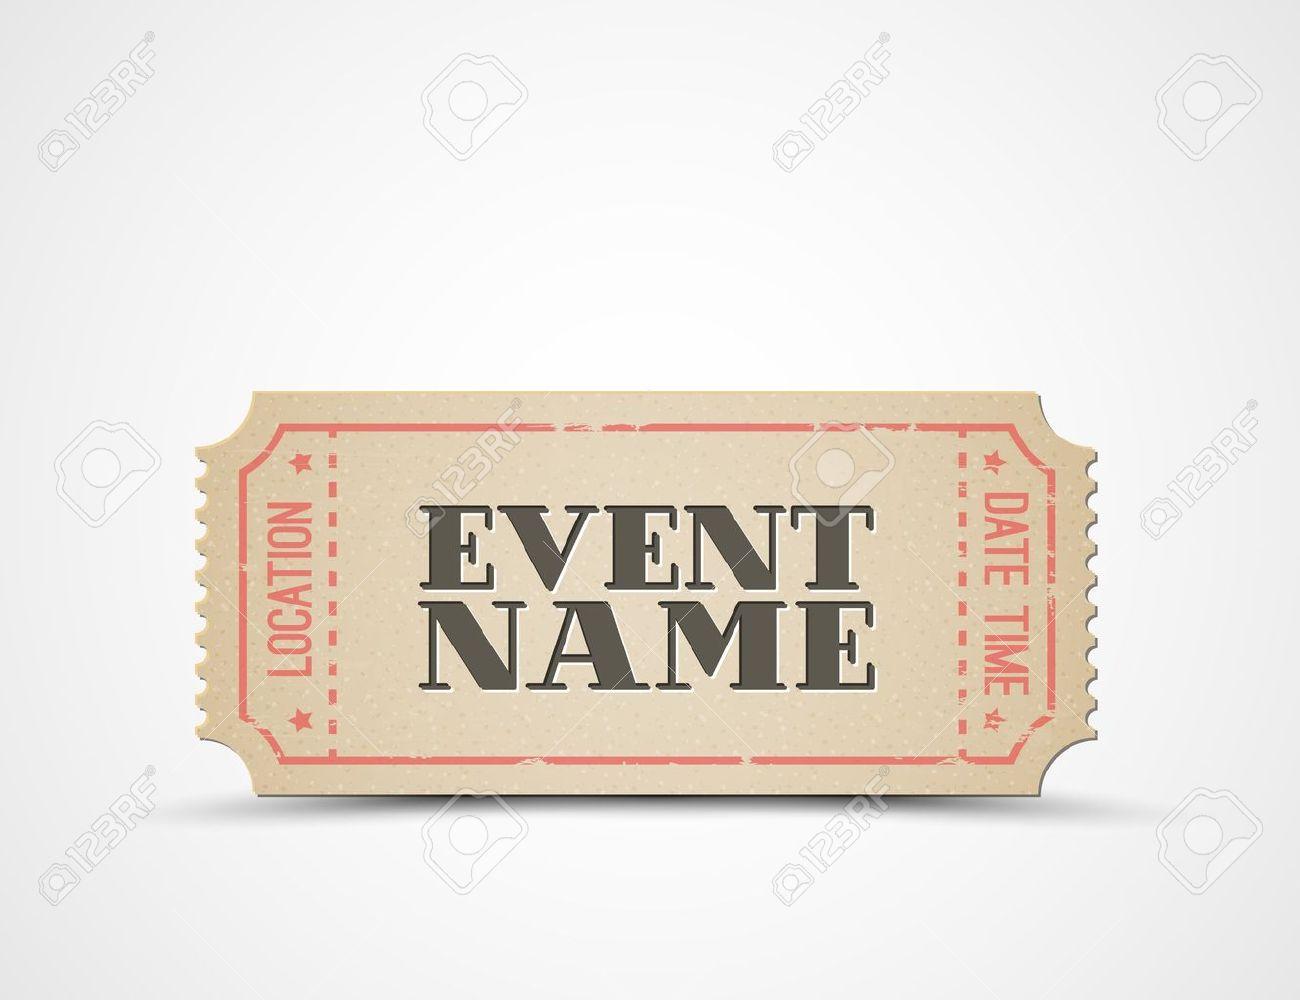 Ticket-Vorlage Für Ihre Veranstaltung - Braun Und Rot Lizenzfrei ...